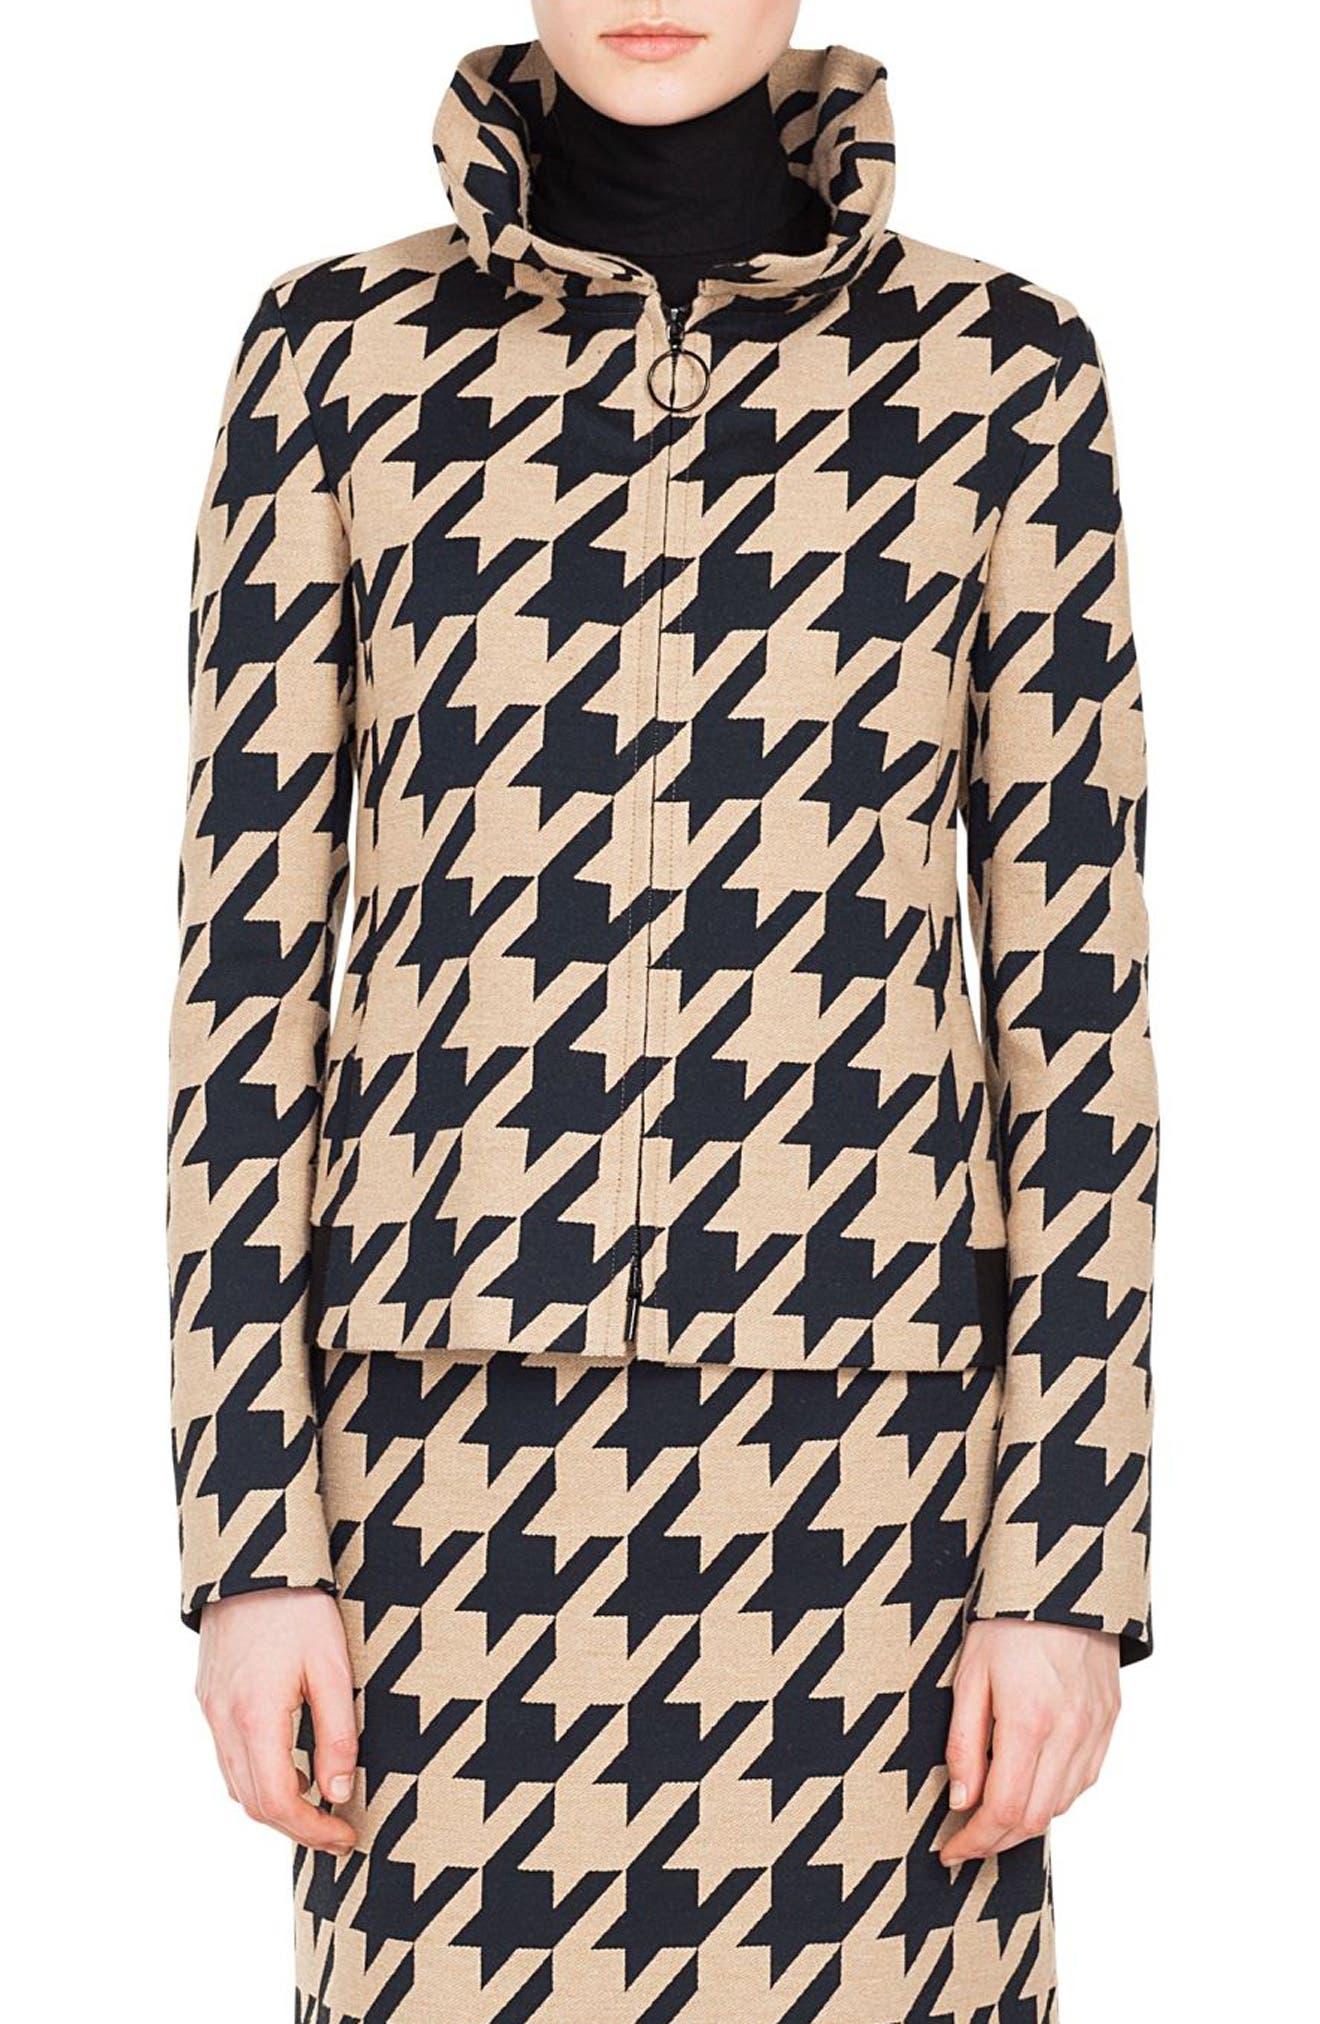 Houndstooth Jacquard Jacket,                             Main thumbnail 1, color,                             250